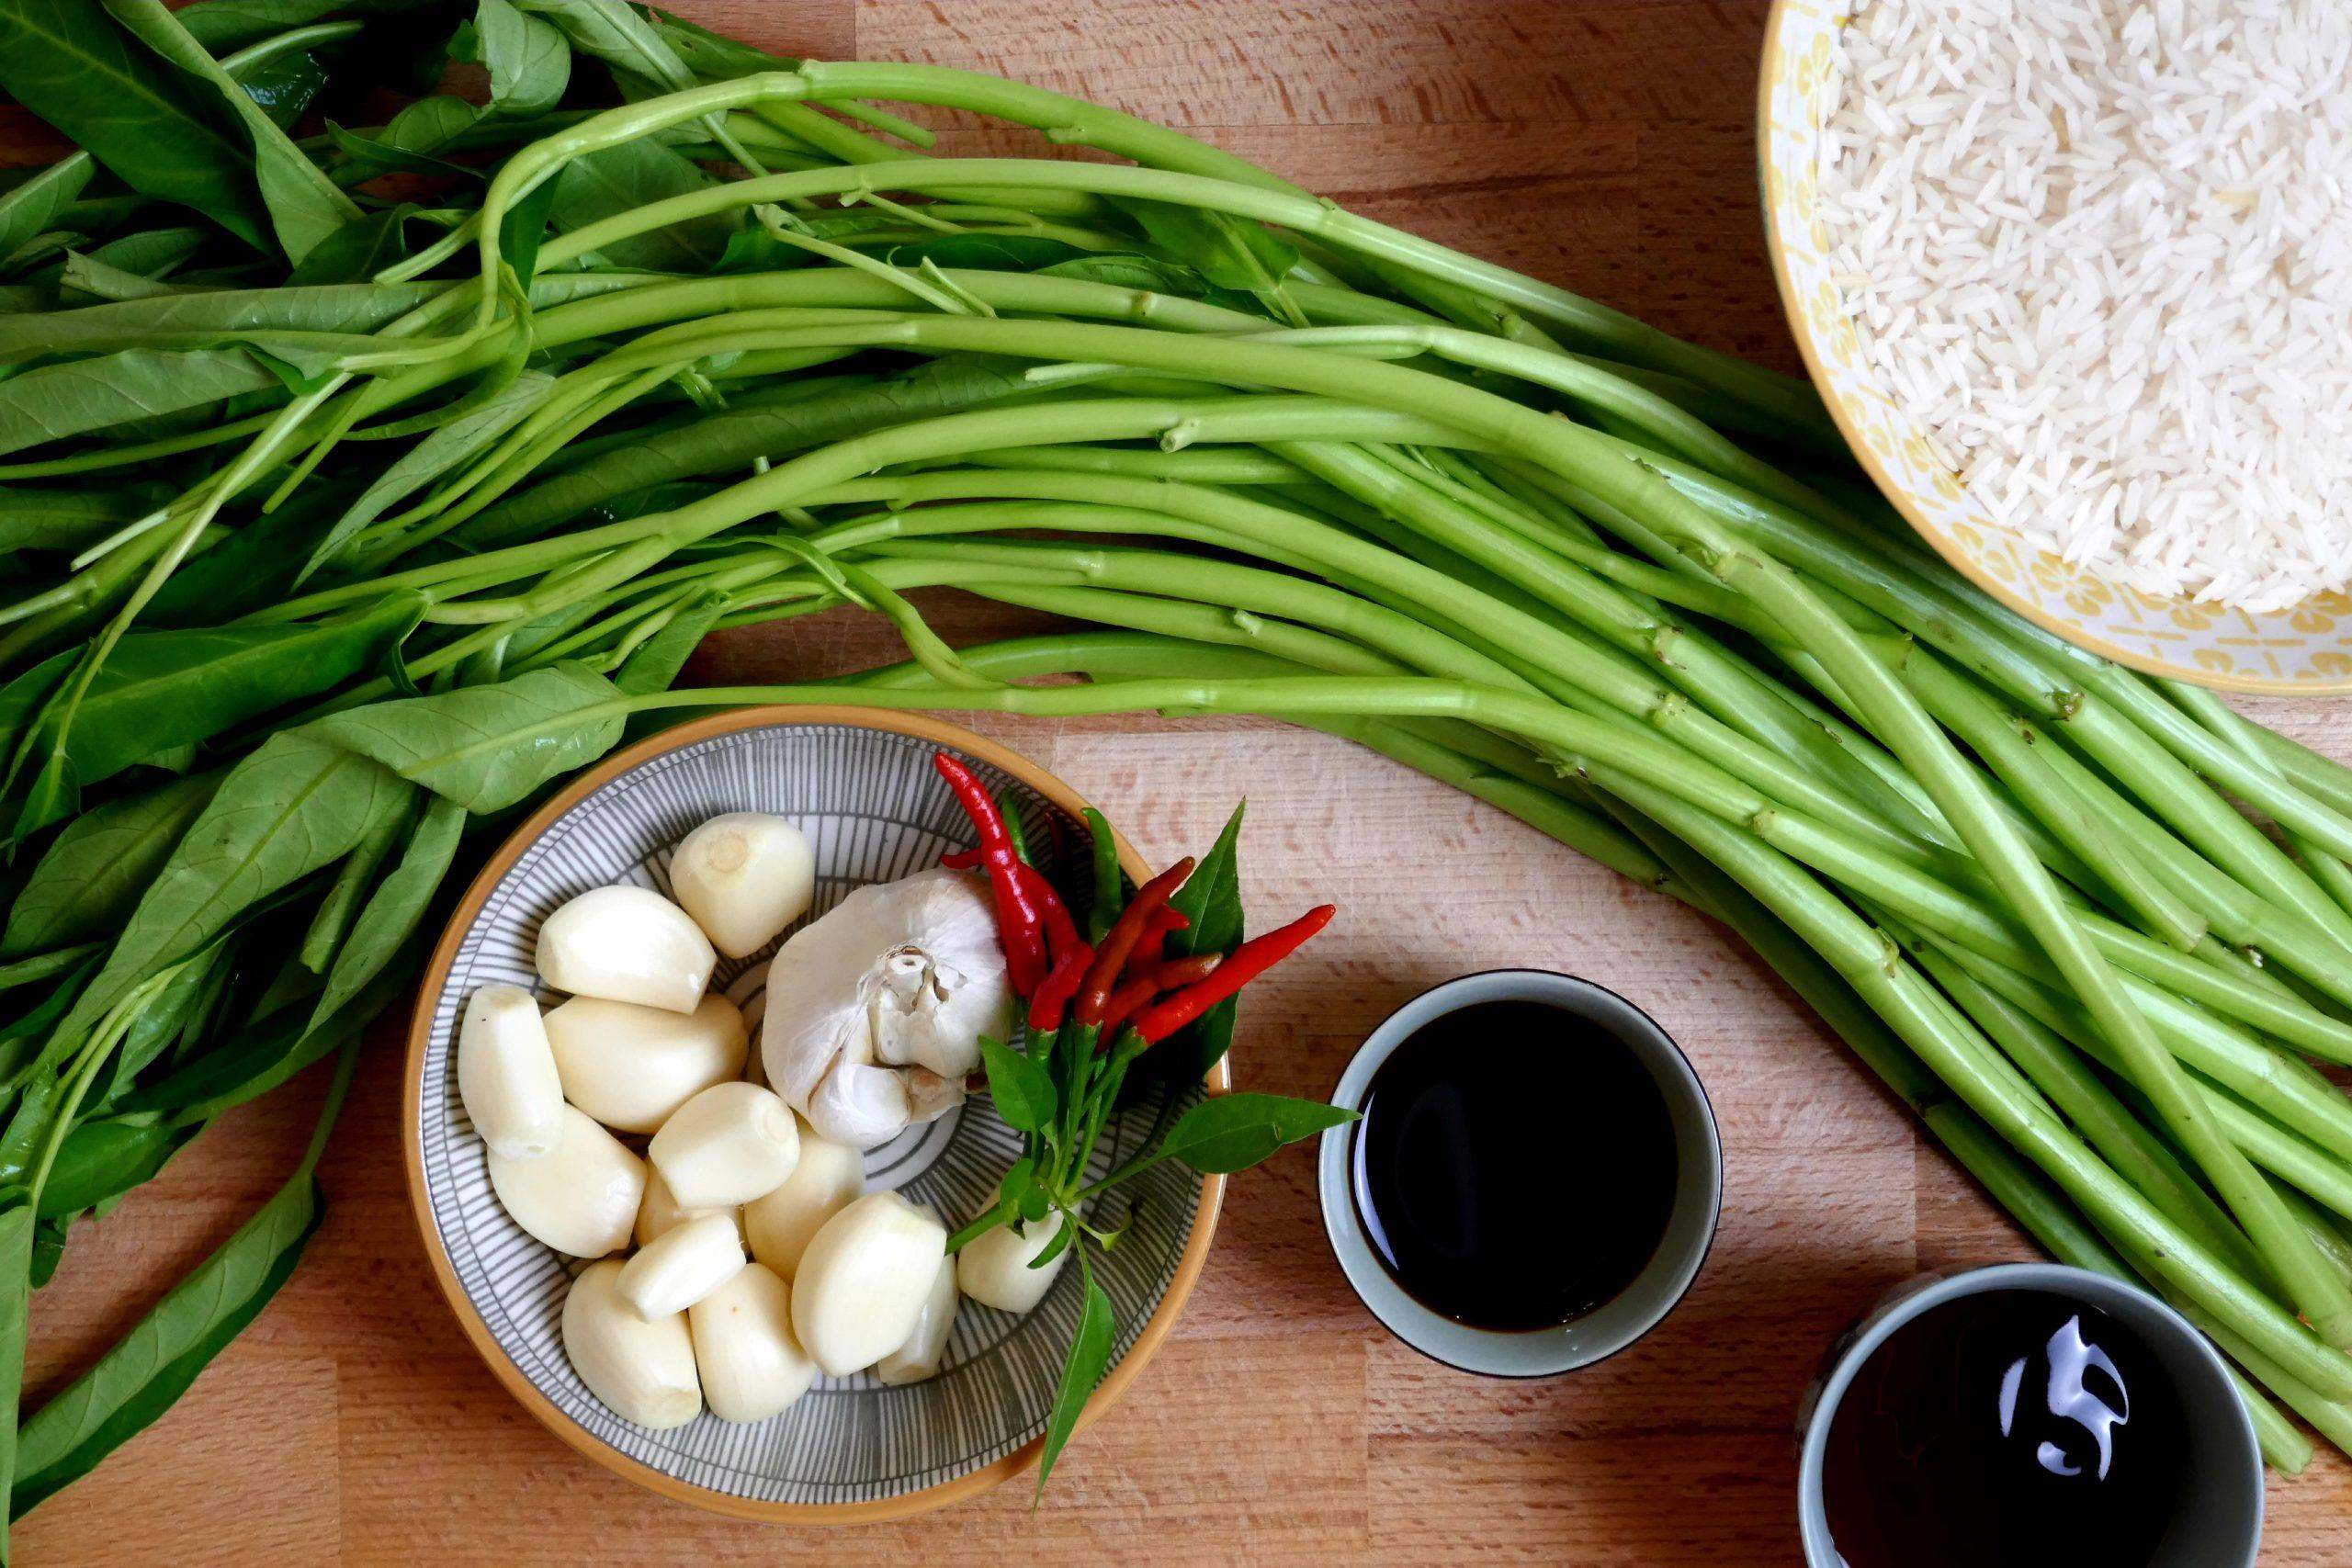 Zutaten Fried Morning Glory, Wasserspinat, frischer Knoblauch, Thaichilis, Sojasauce, Mushroomsauce